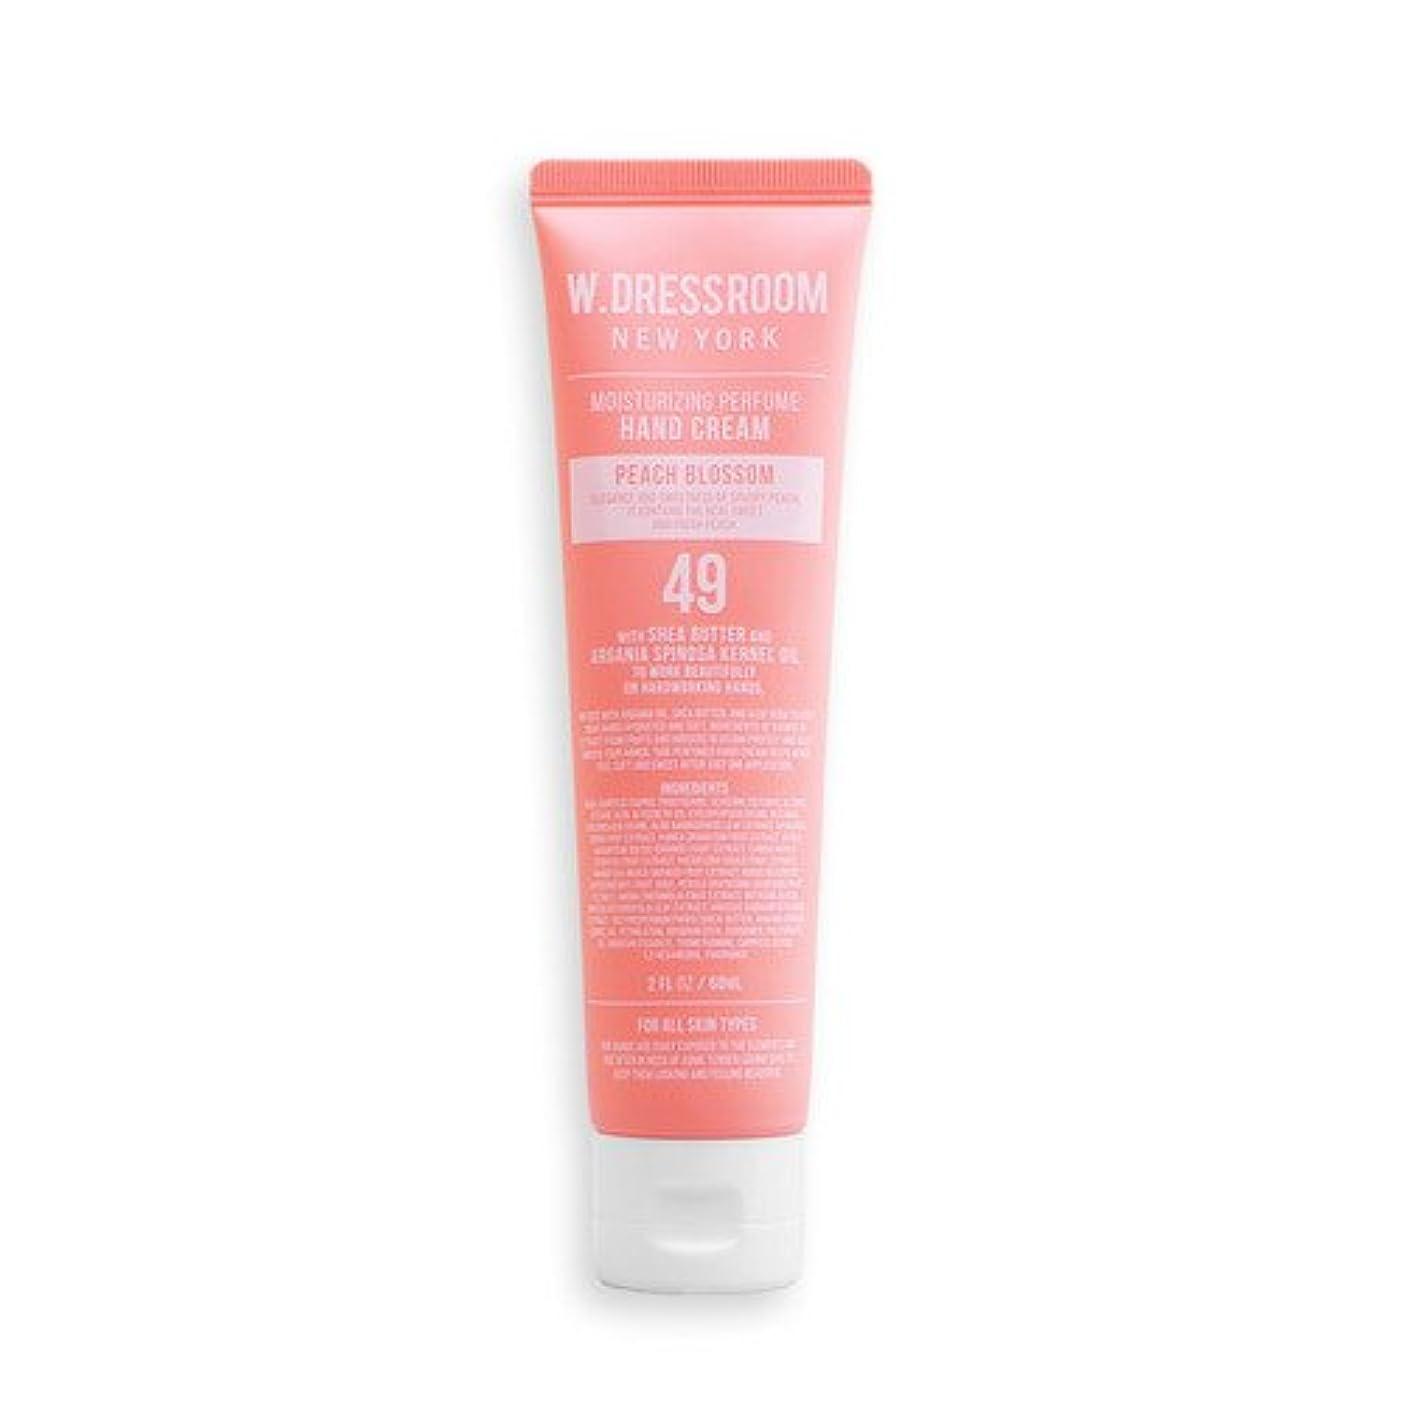 アスペクト却下するハードリングW.DRESSROOM Moisturizing Perfume Hand Cream 60ml/ダブルドレスルーム モイスチャライジング パフューム ハンドクリーム 60ml (#No.49 Peach Blossom...